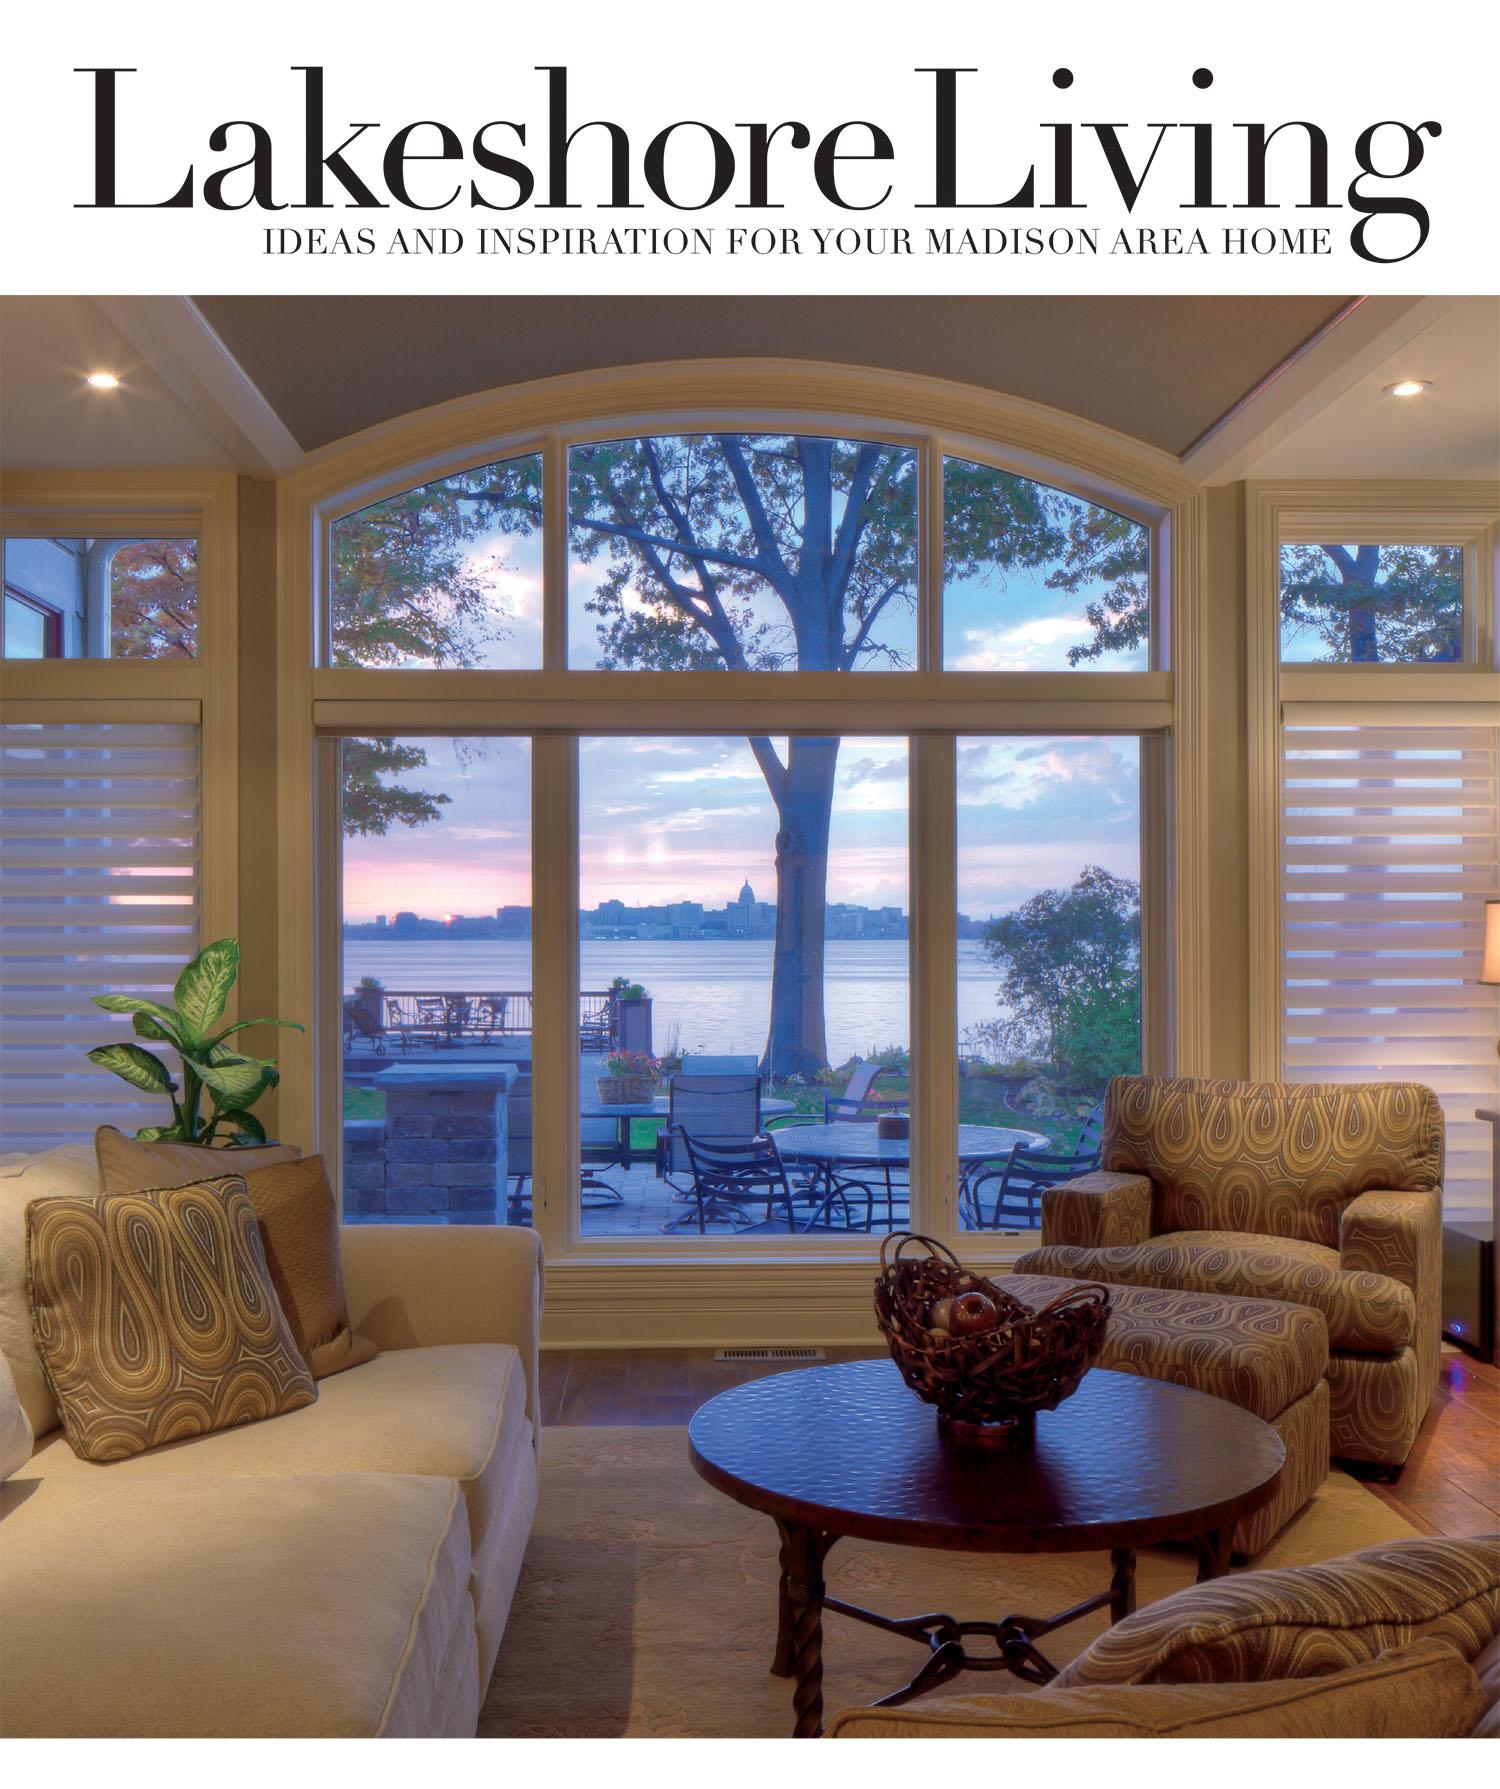 CVR_LakeshoreLiving_MADISON15.indd